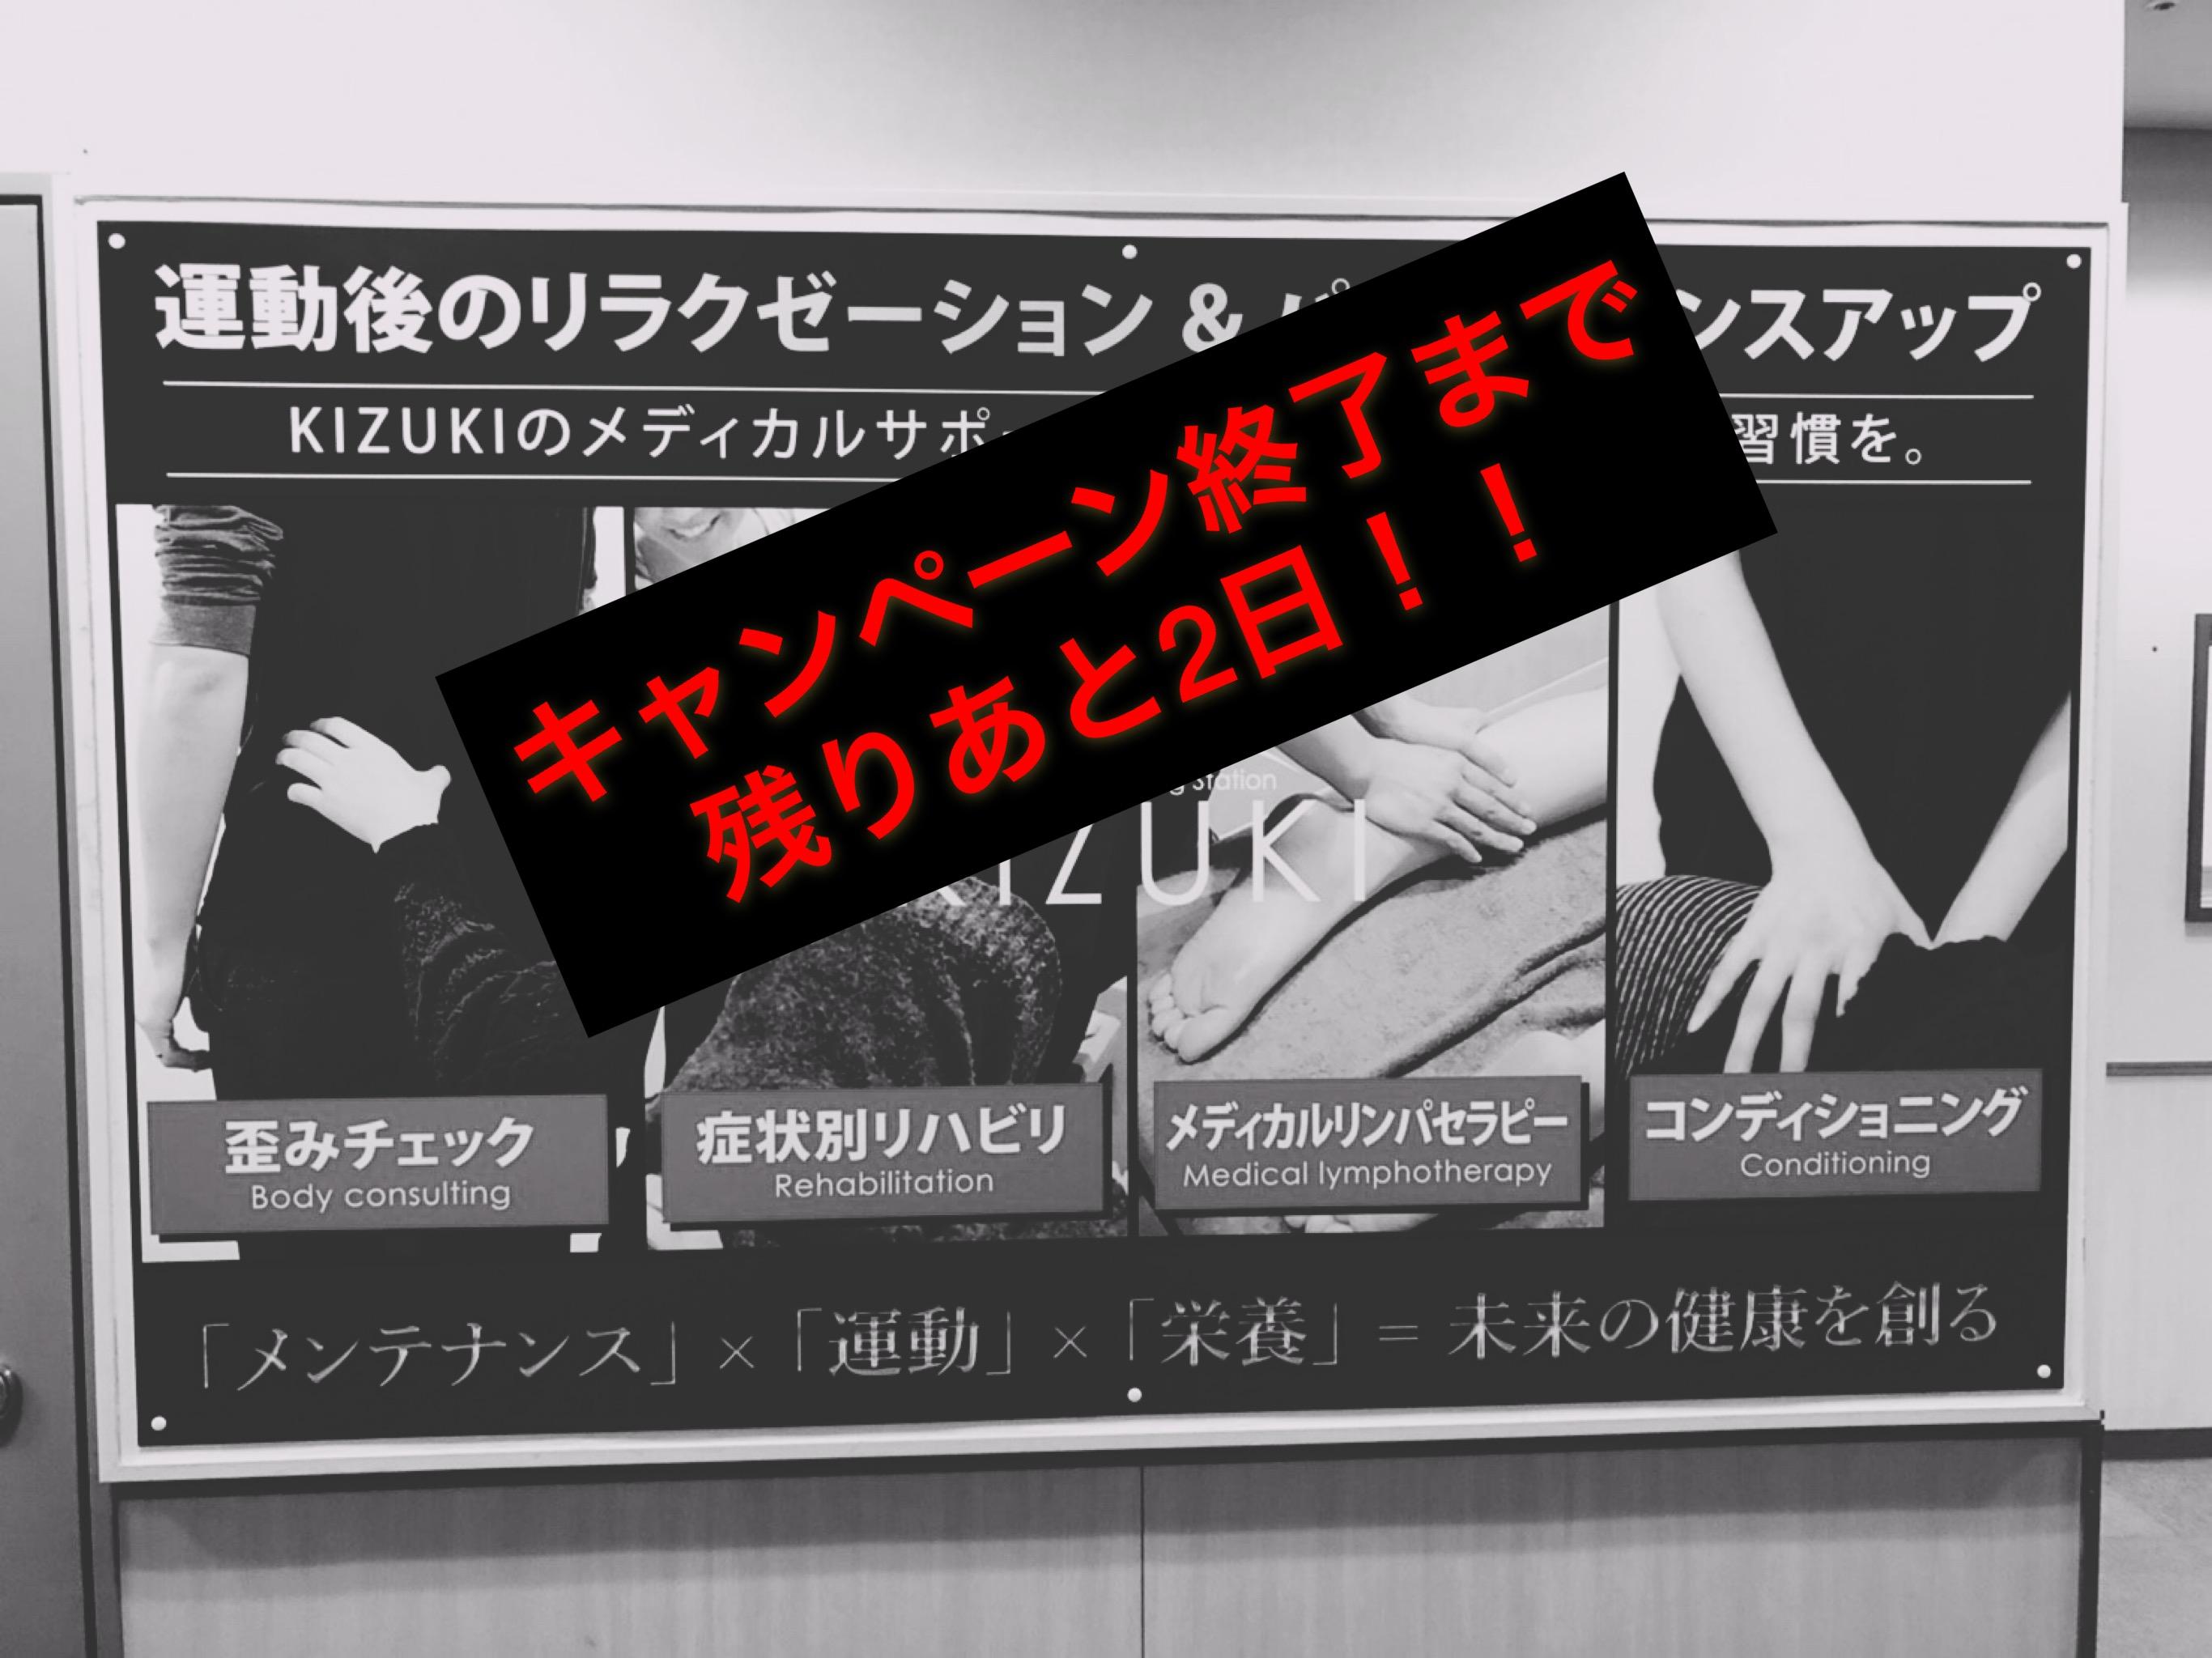 KIZUKI3号店オープン記念キャンペーン終了まで後少し!